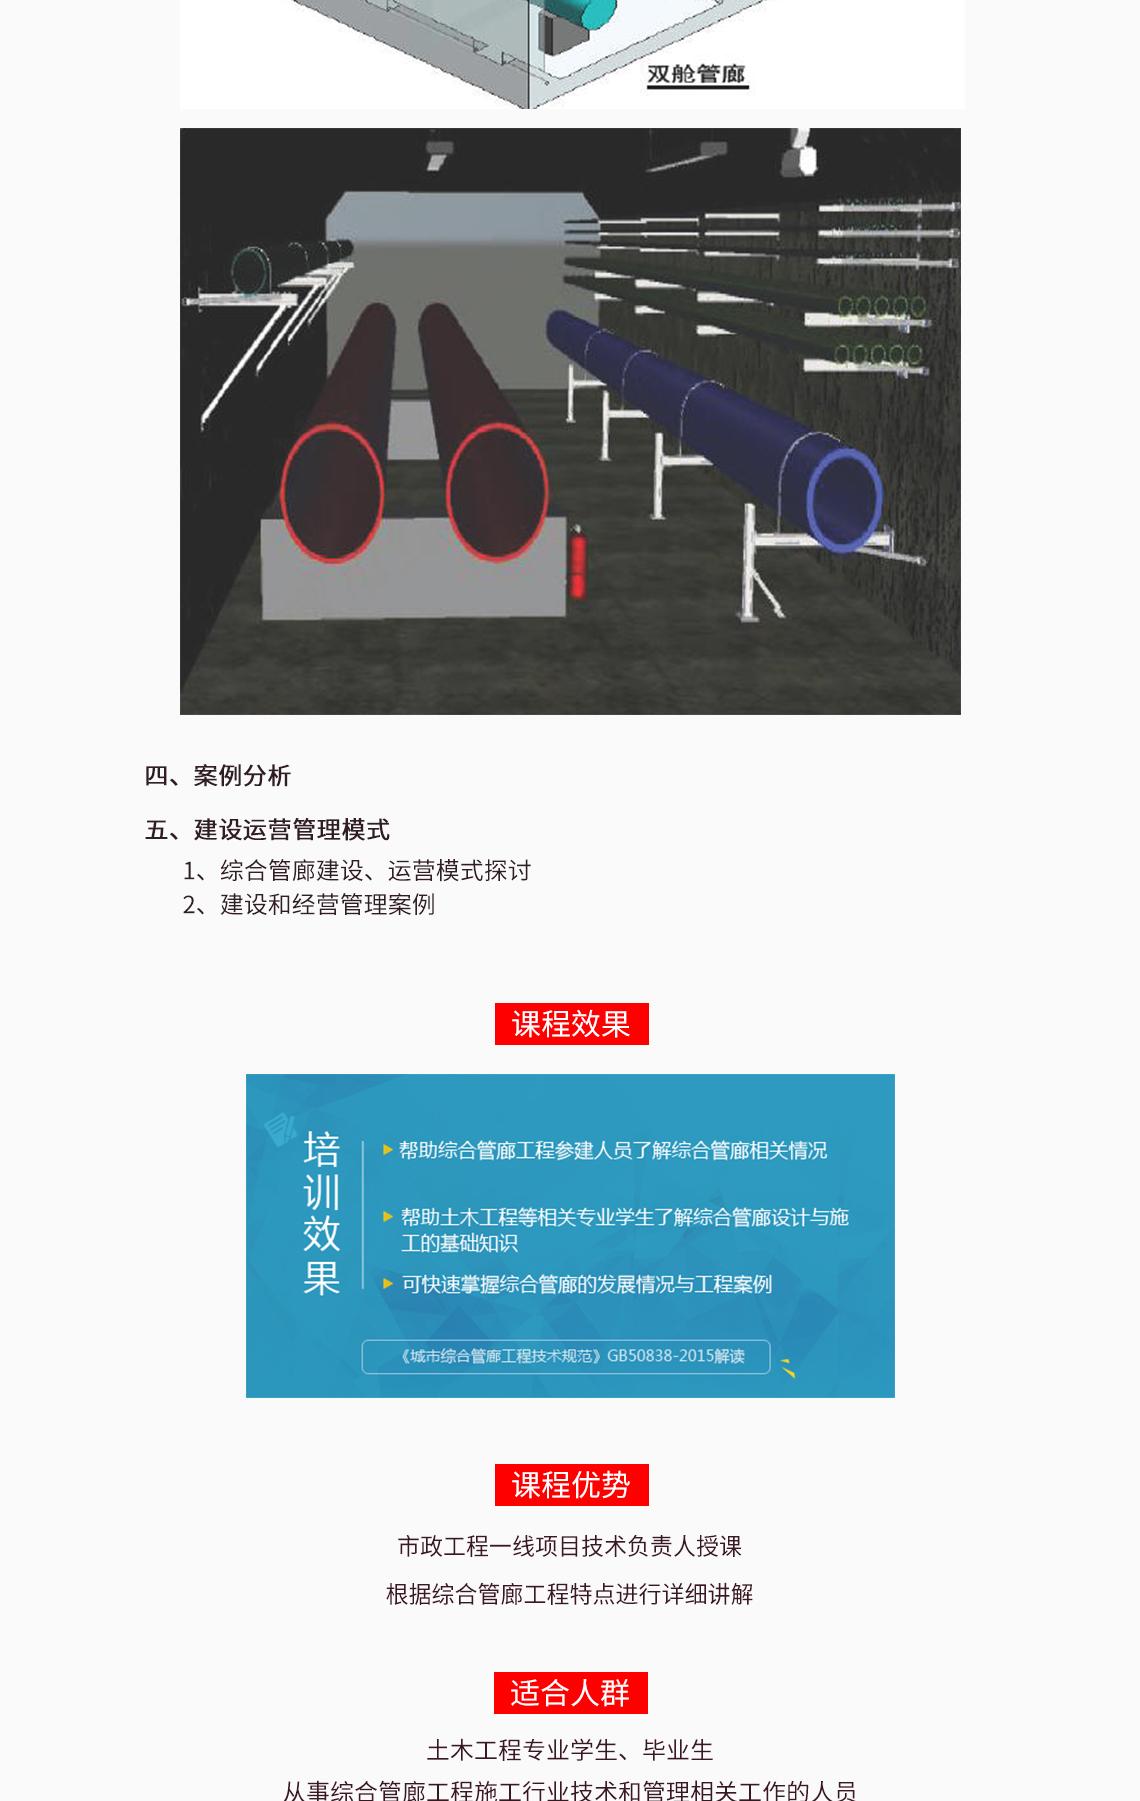 城市综合管廊工程技术规范,地下综合管廊系统,综合管廊项目划分,综合管沟国家规范  二、综合管廊建设概况 三、规范解读 1、总则  2、术语和符号  3、基本规定  4、规划  5、总体设计